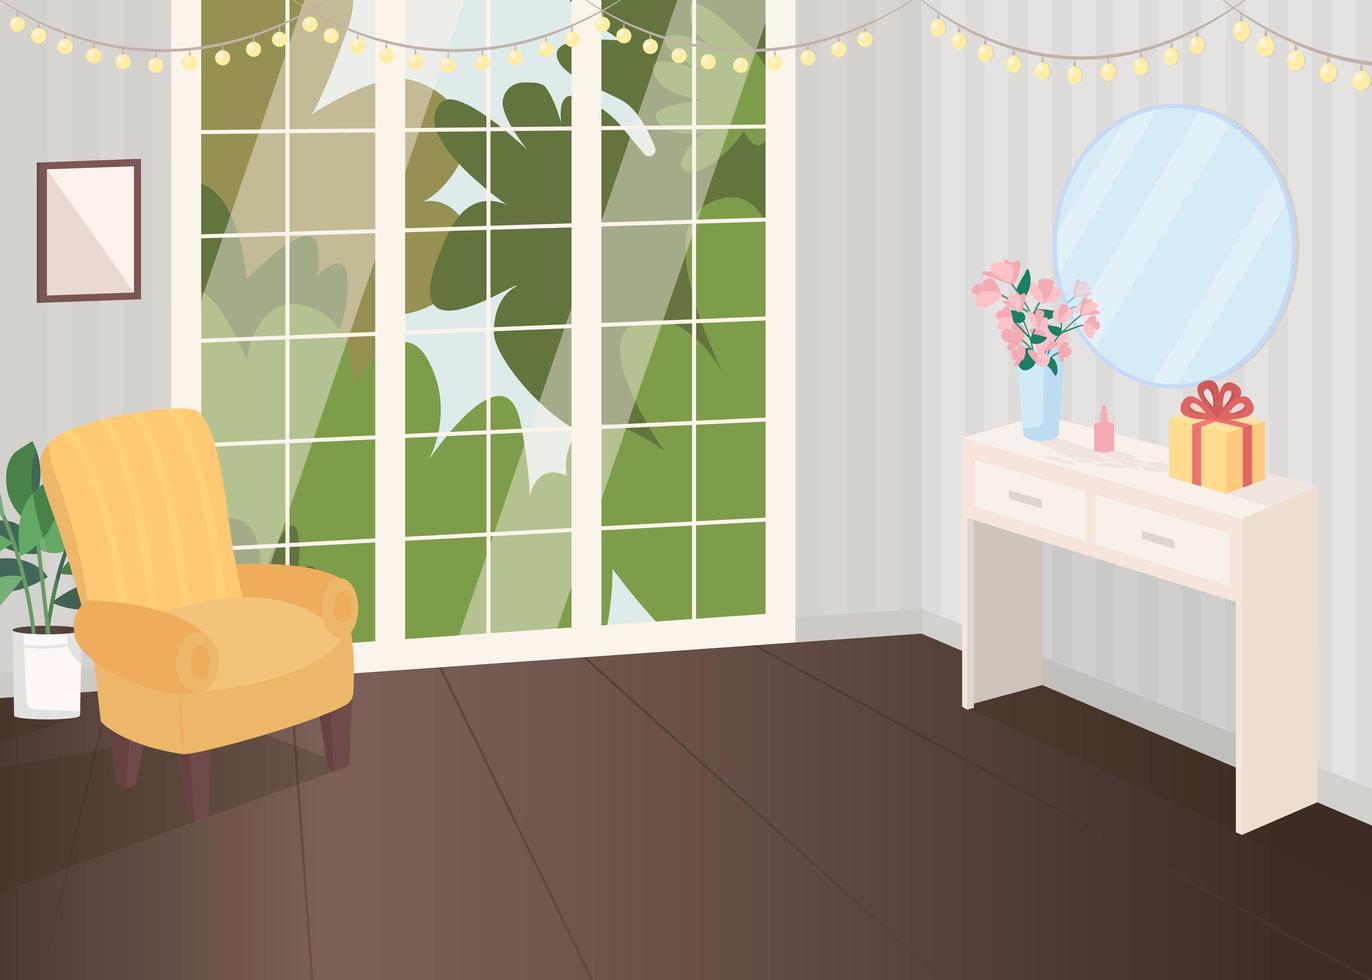 sala decorada festivamente vector